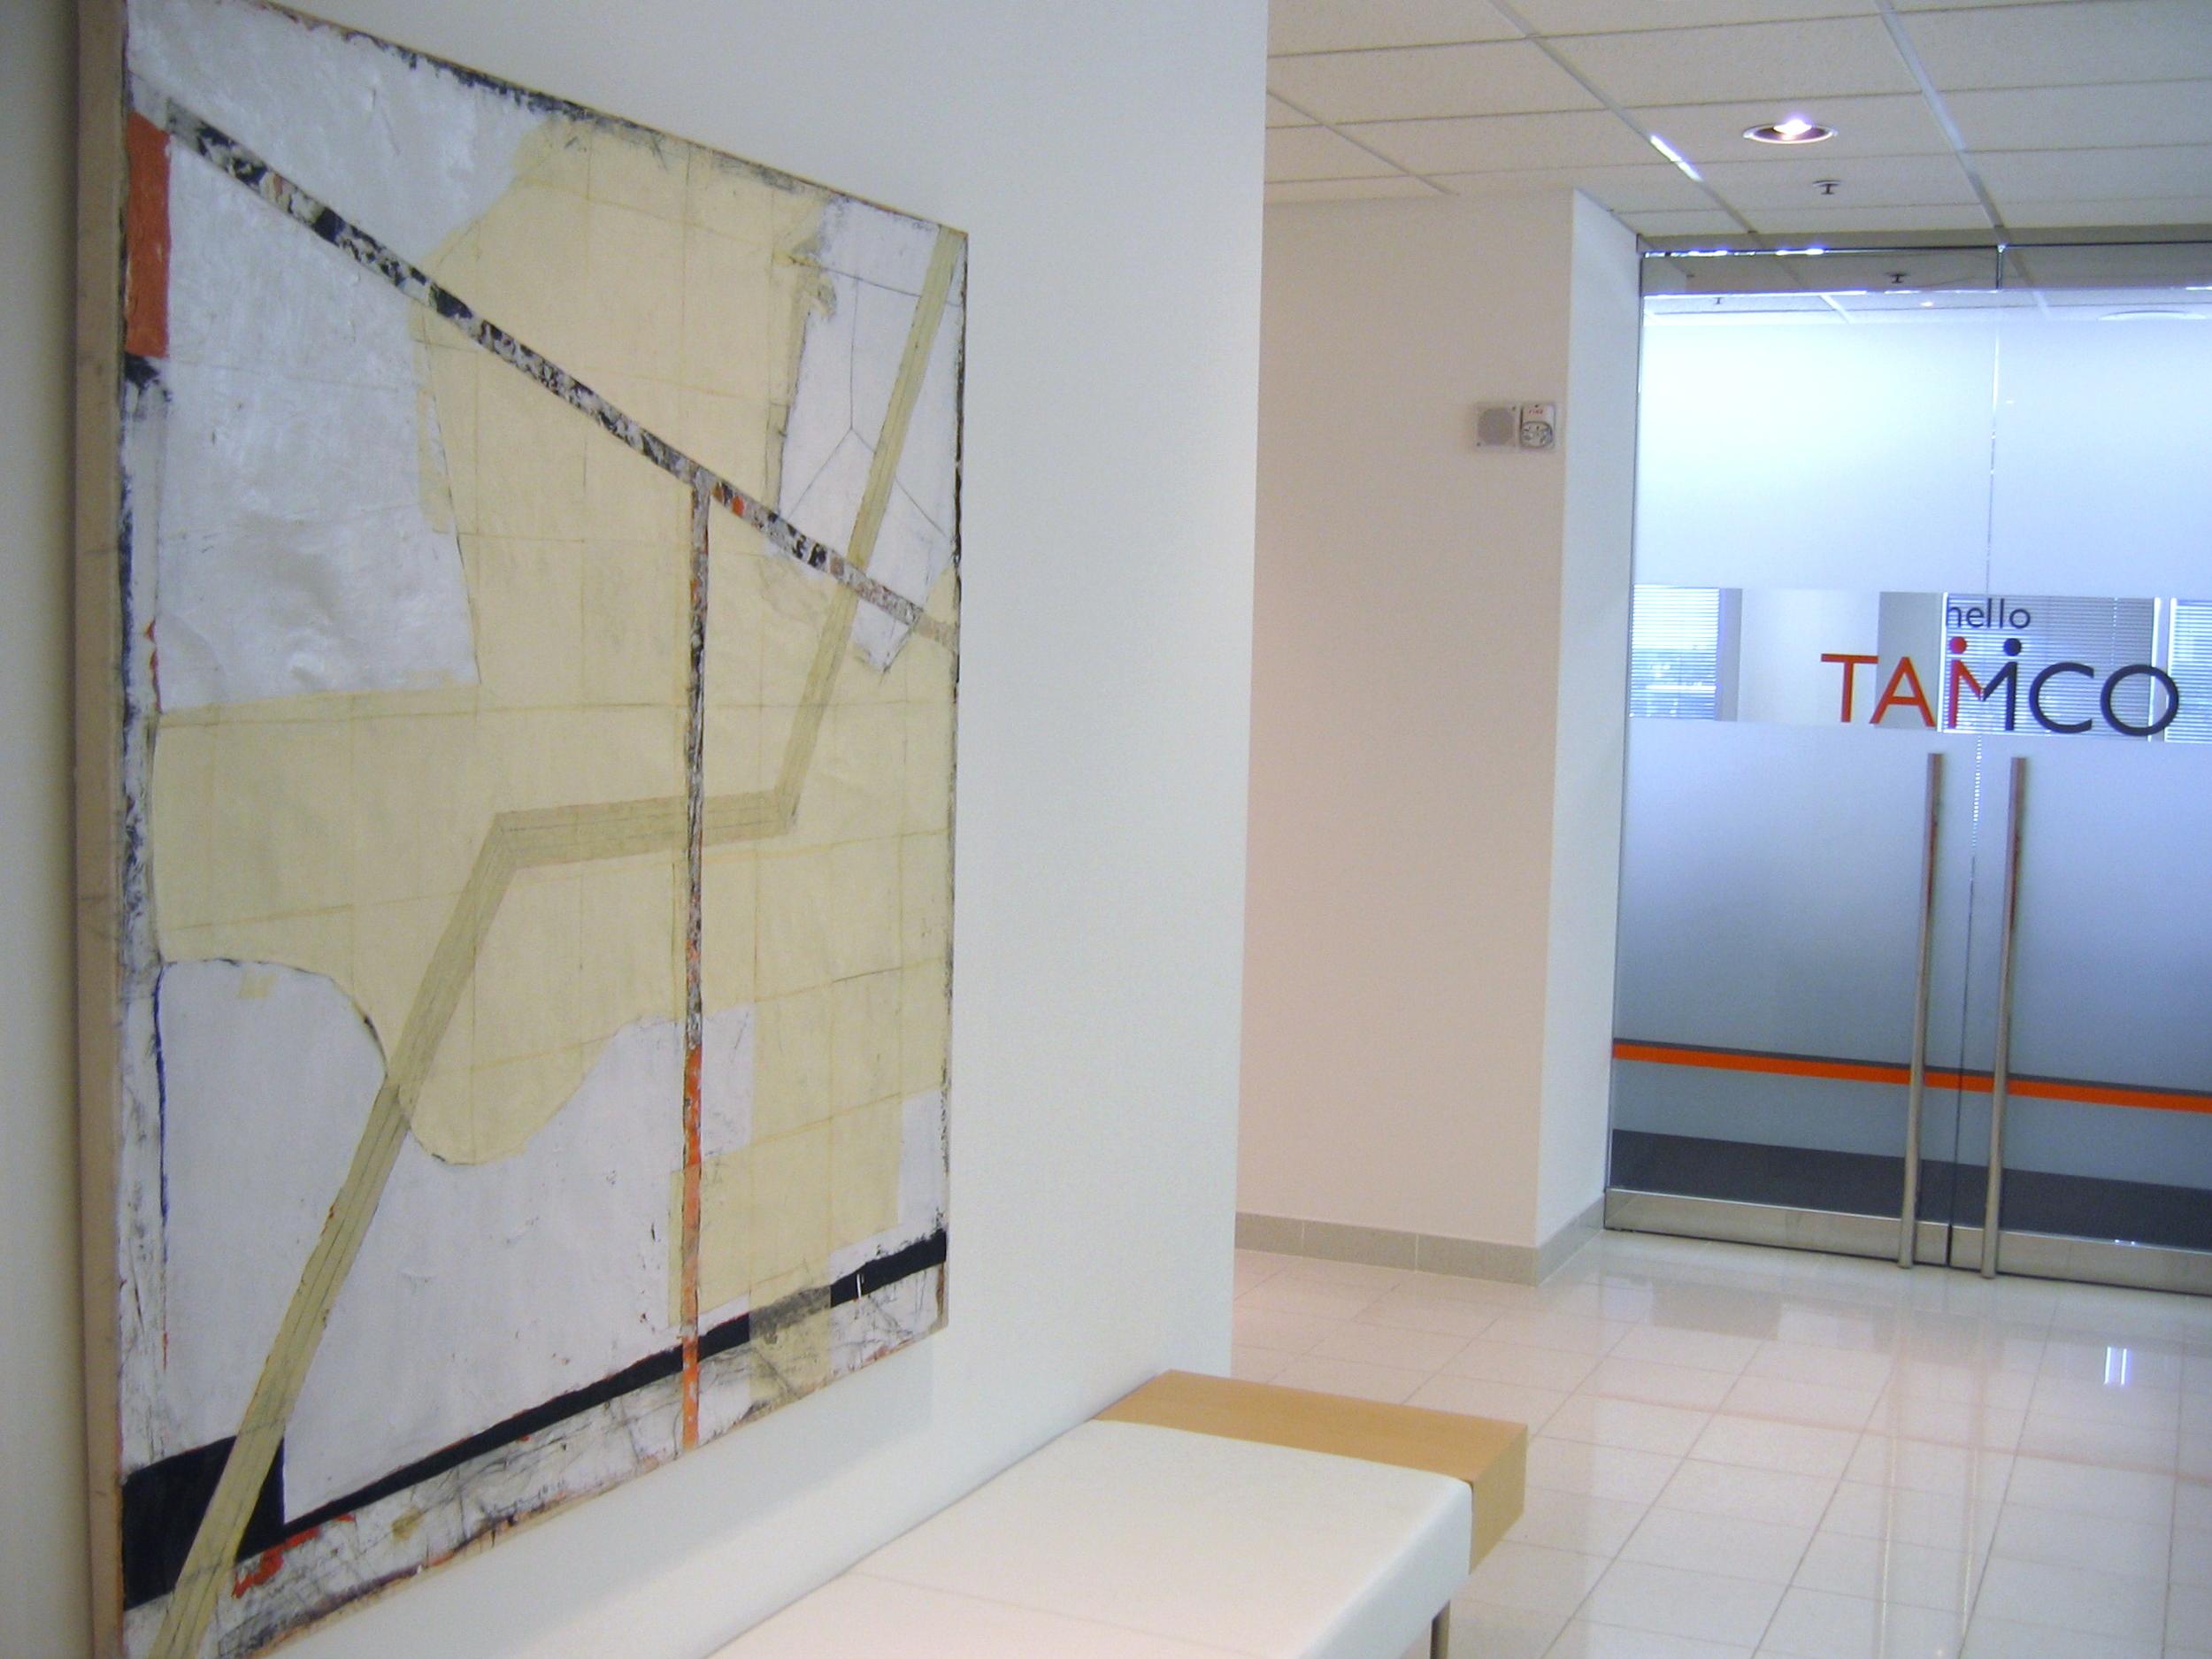 TAMCO Lobby.JPG